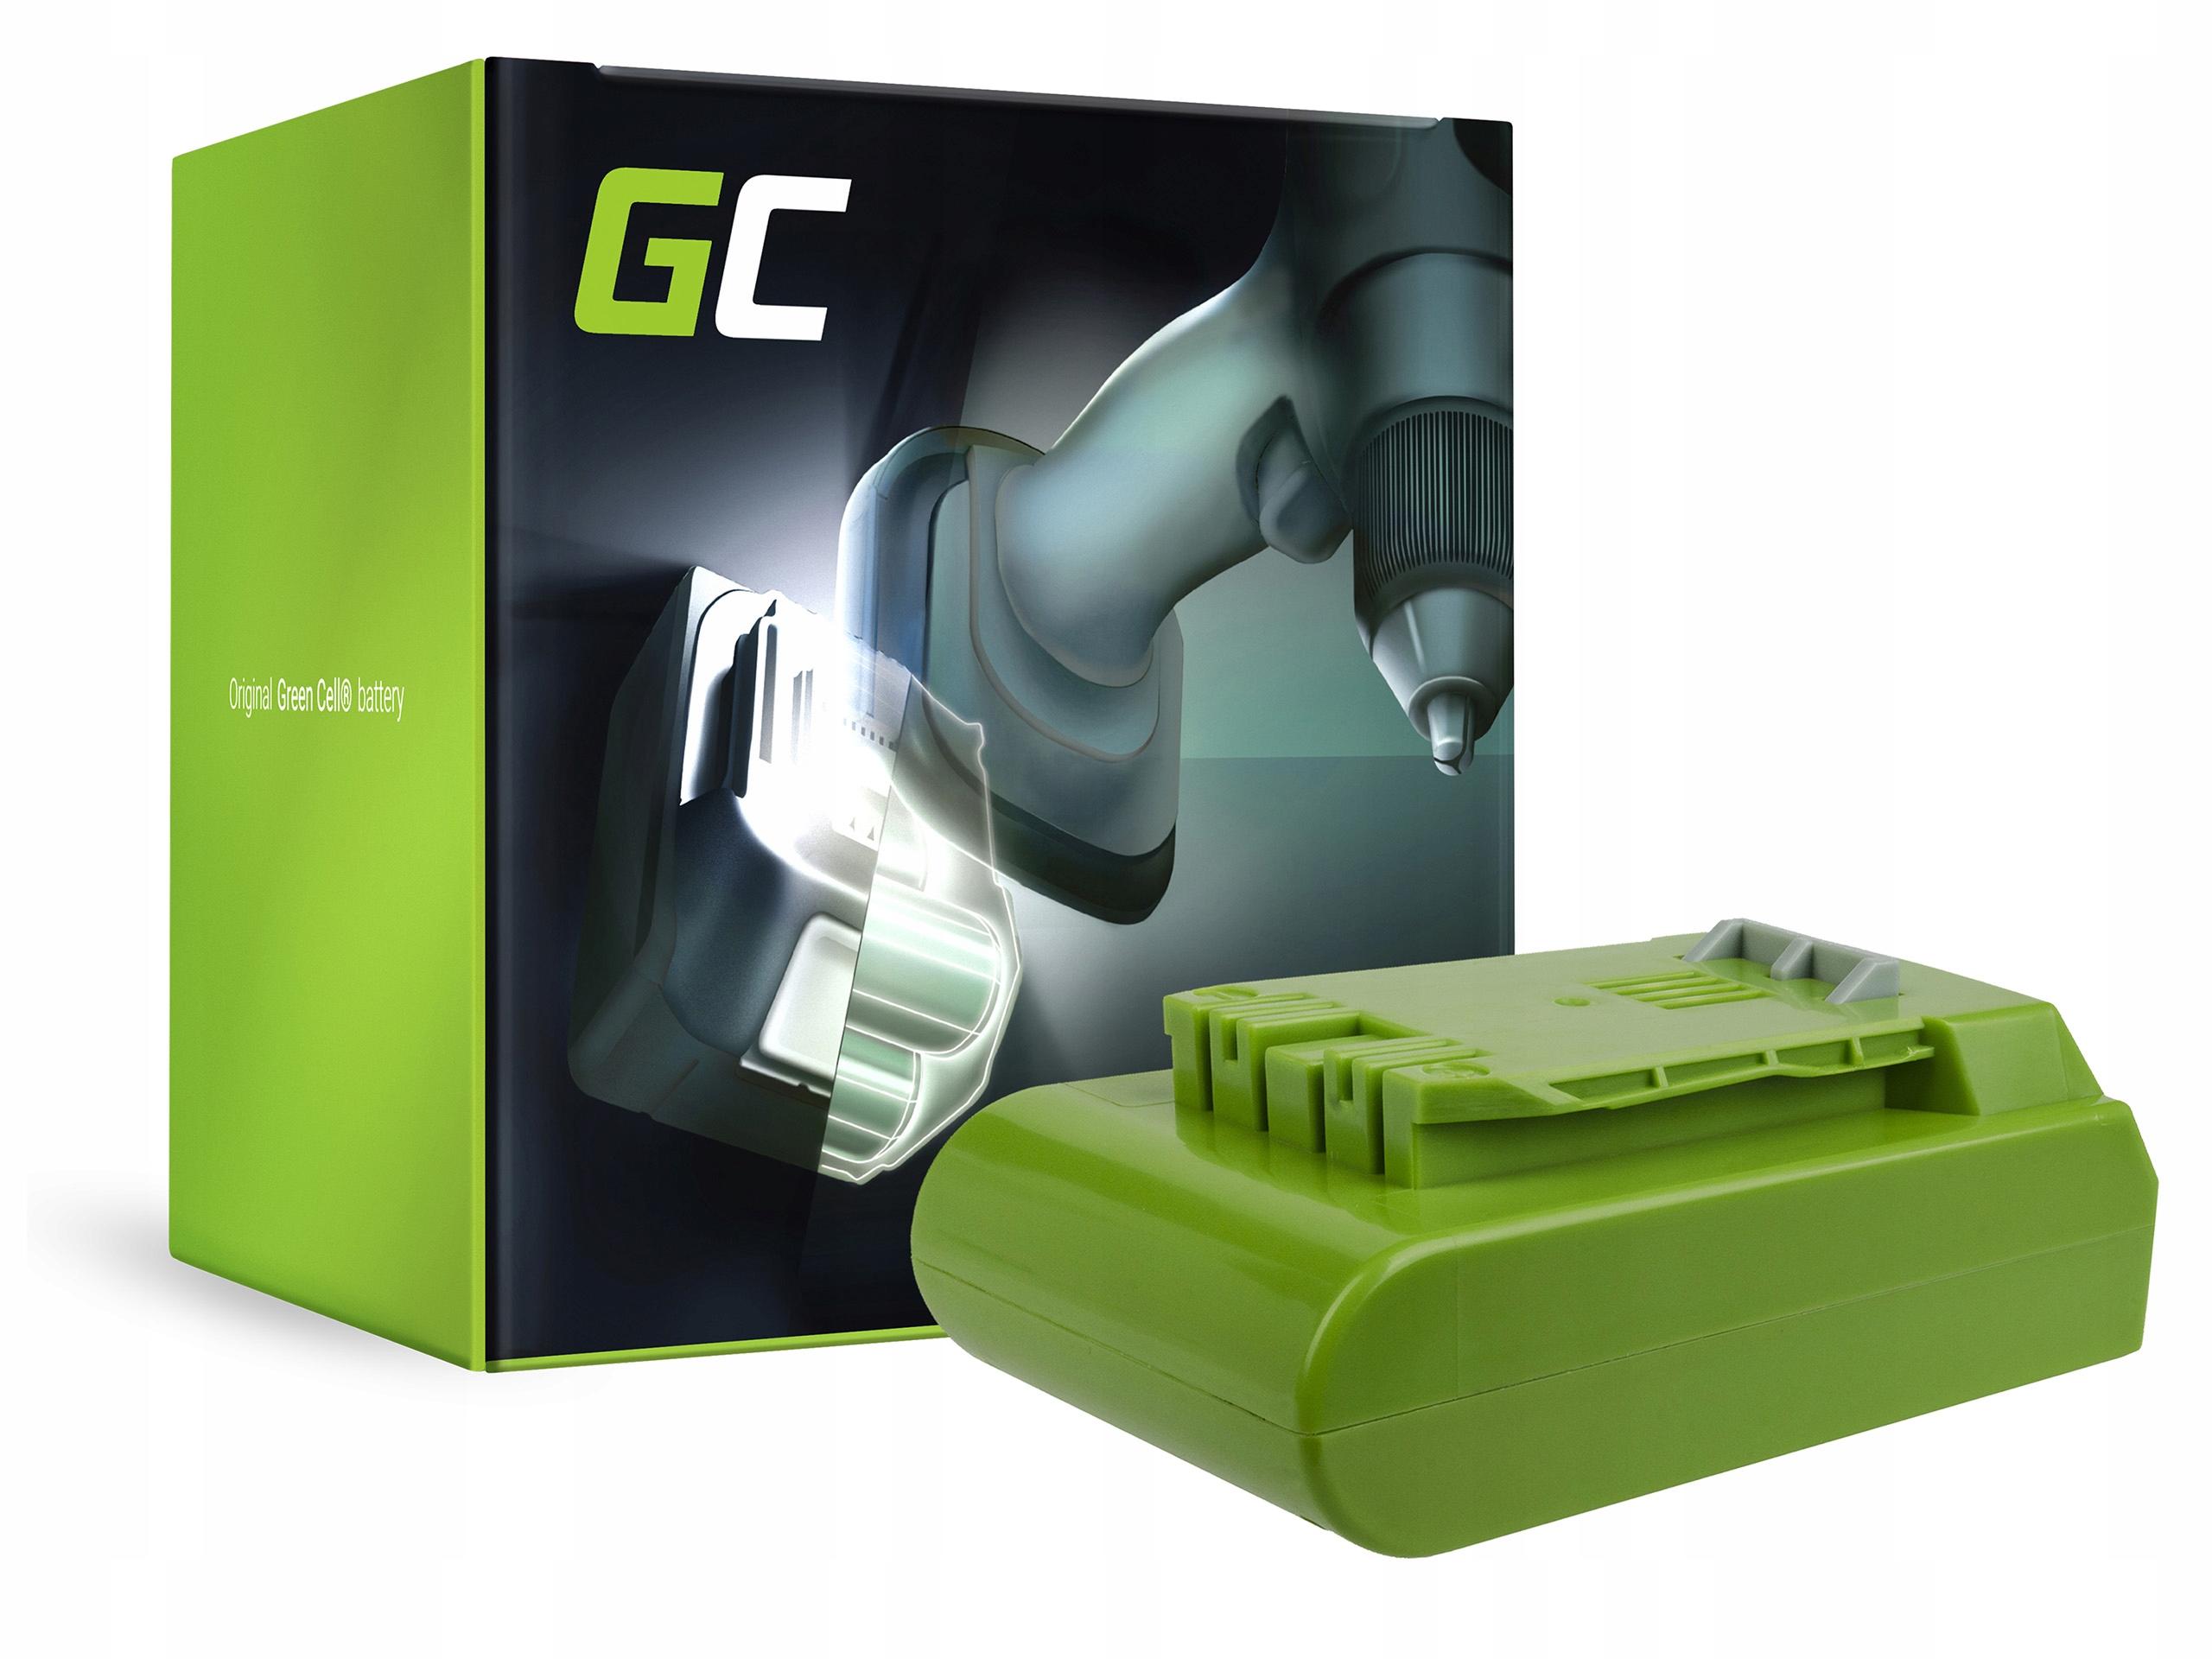 Batéria 24V 2Ah GreenWorks pre GD24AC